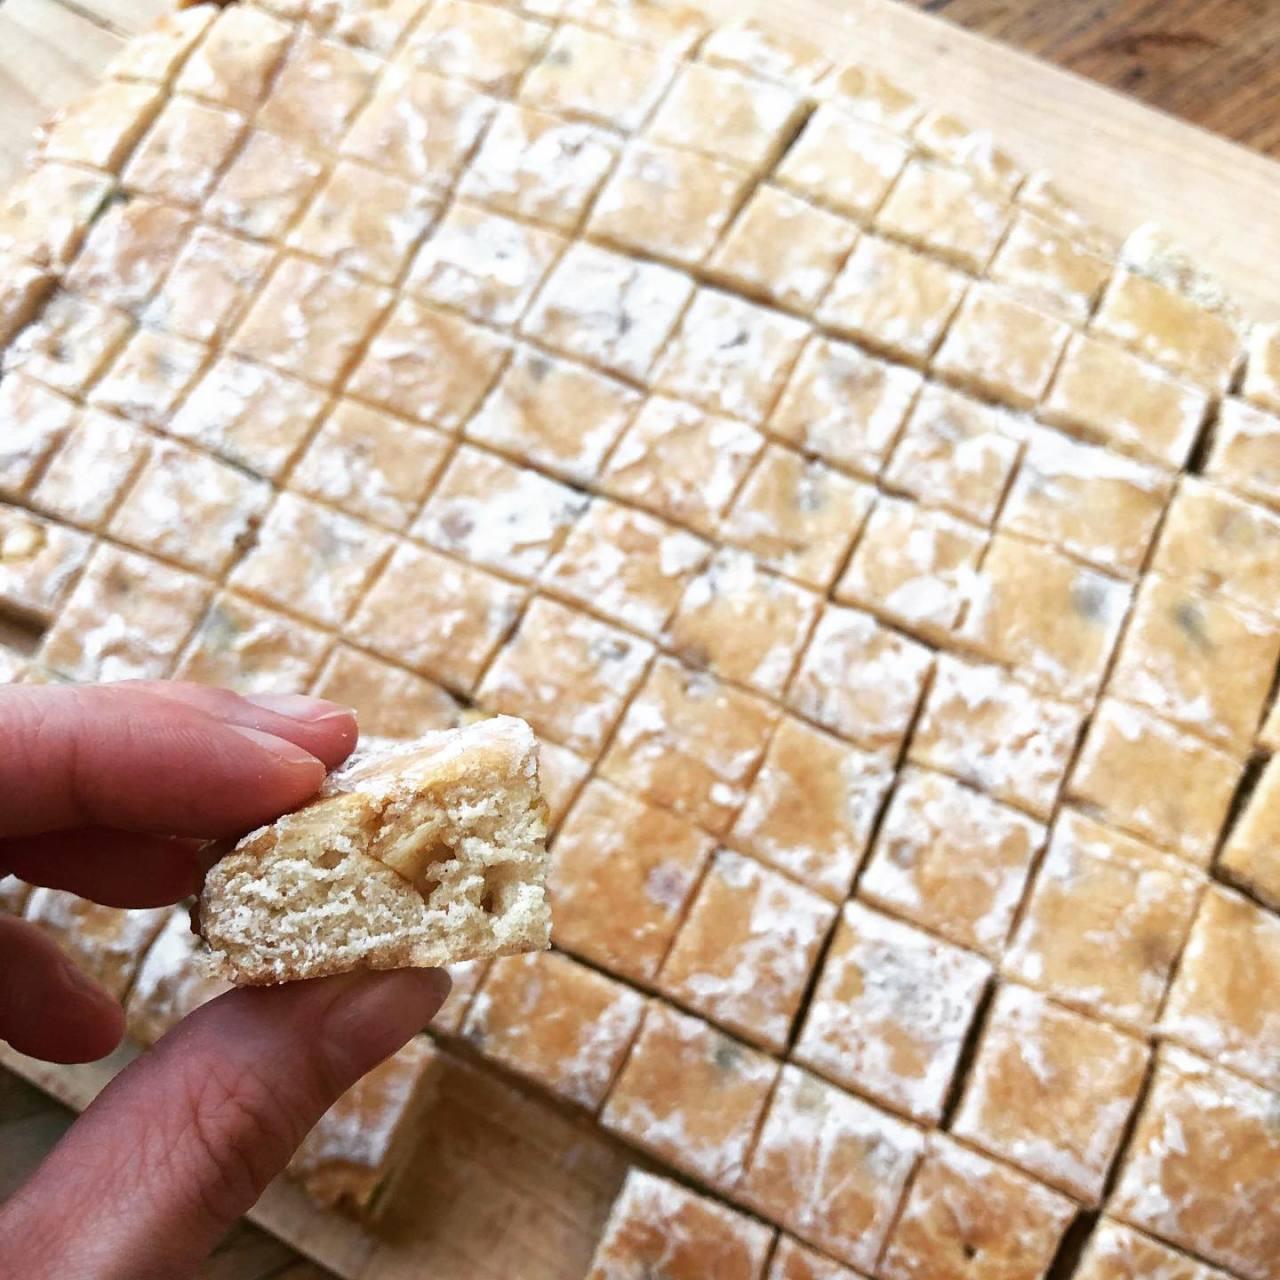 Bredele : pain d'épices Bàsler lackerle #bredele #paindepices #biscuits #patisserie #patisseriemaison #alsace #cuisine #food #homemade #faitmaison Nhésitez pas à nous demander la recette, nous la publierons dans notre bloghttps://ift.tt/1q7mxub https://instagr.am/p/CIStPQxBg6Y/ #cuisine#food#homemade#cooking#eating#french#foodpic#sweet#dinner#foodie#eat#hungry#foods